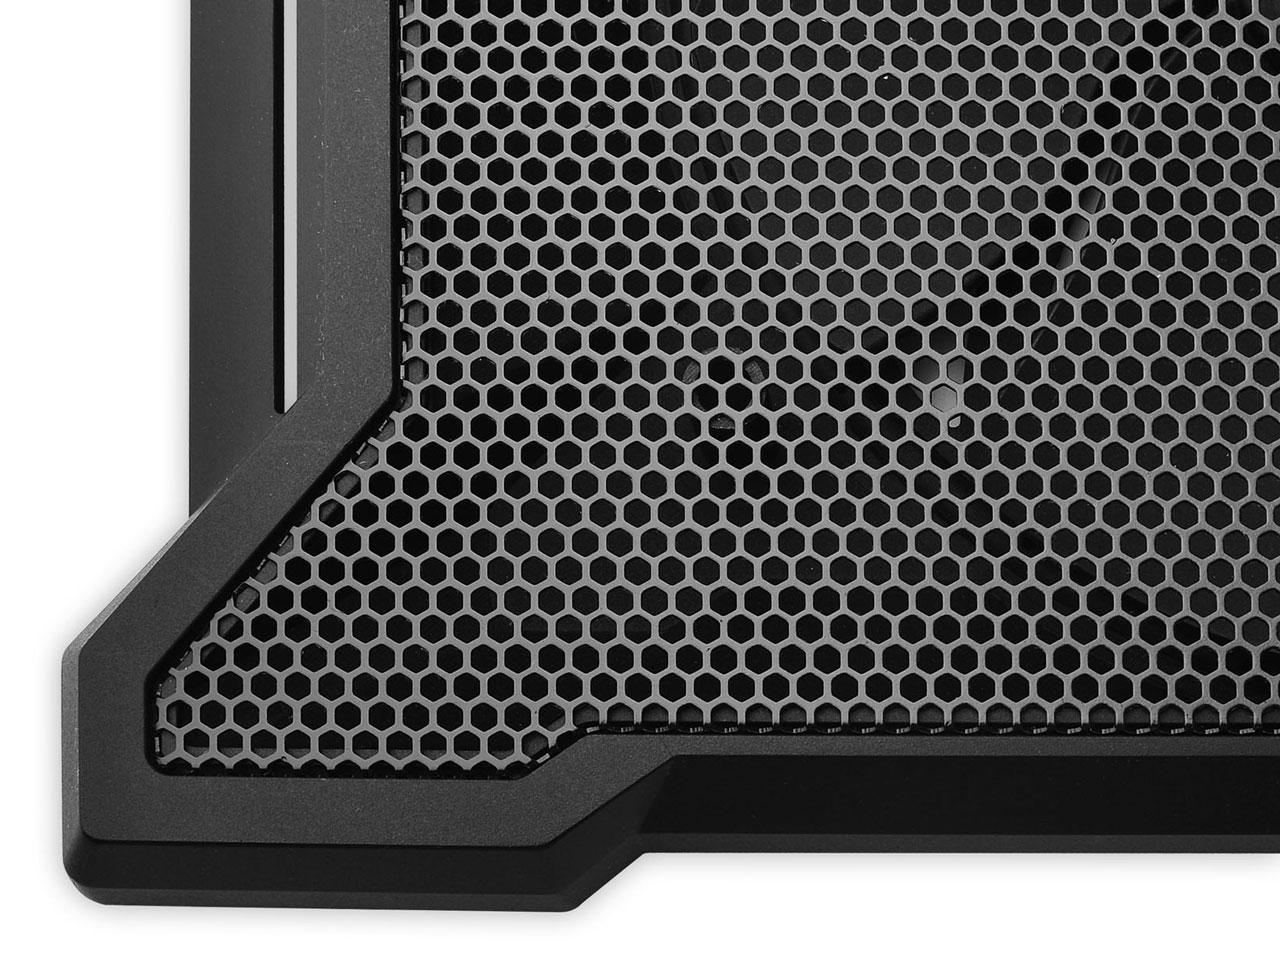 『本体 部分アップ』 NOTEPAL X-SLIM II R9-NBC-XS2KJ-GP [Black] の製品画像